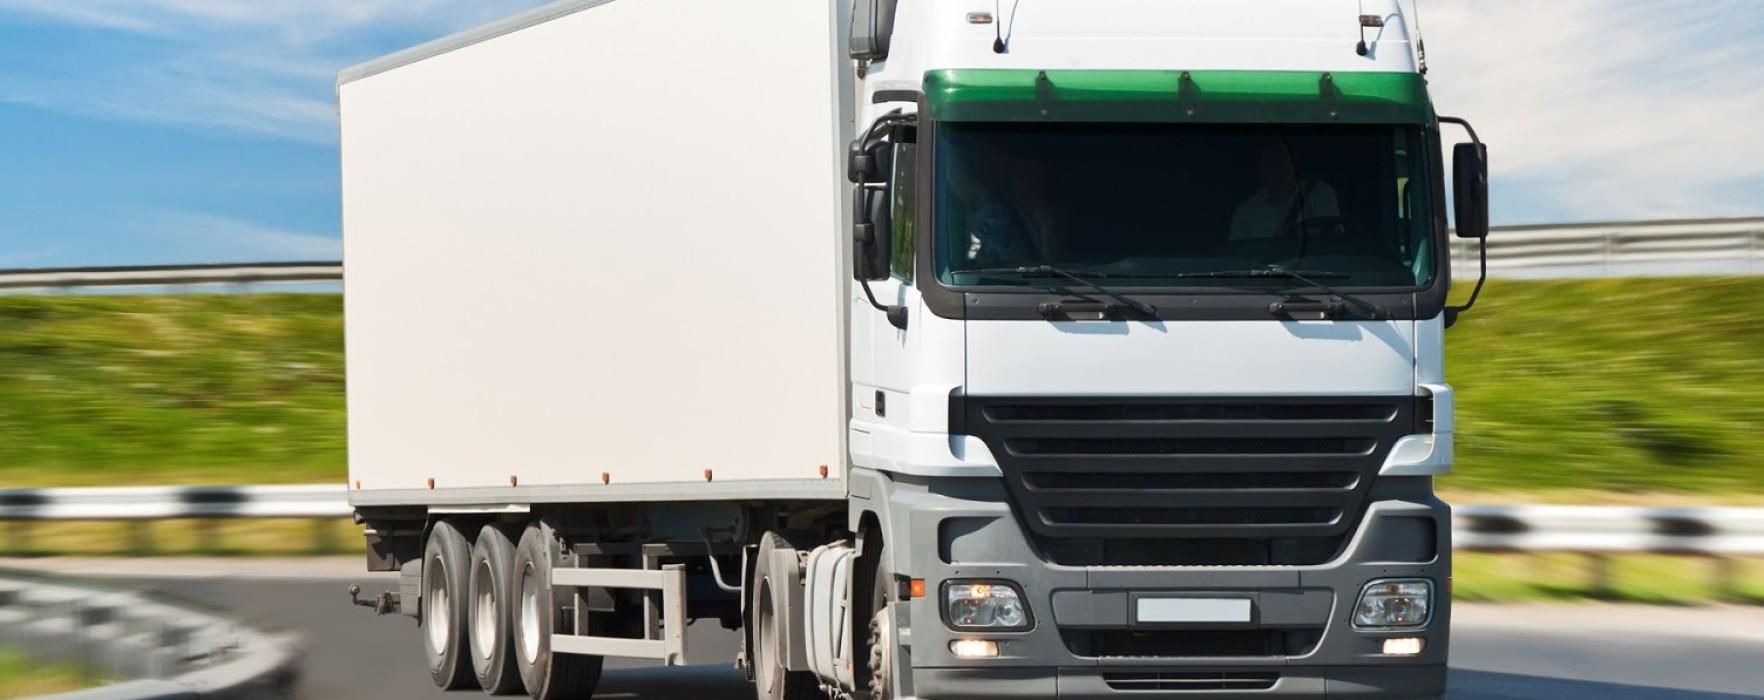 Se caută şoferi de camion în Marea Britanie, se oferă 8-10 lire pe oră